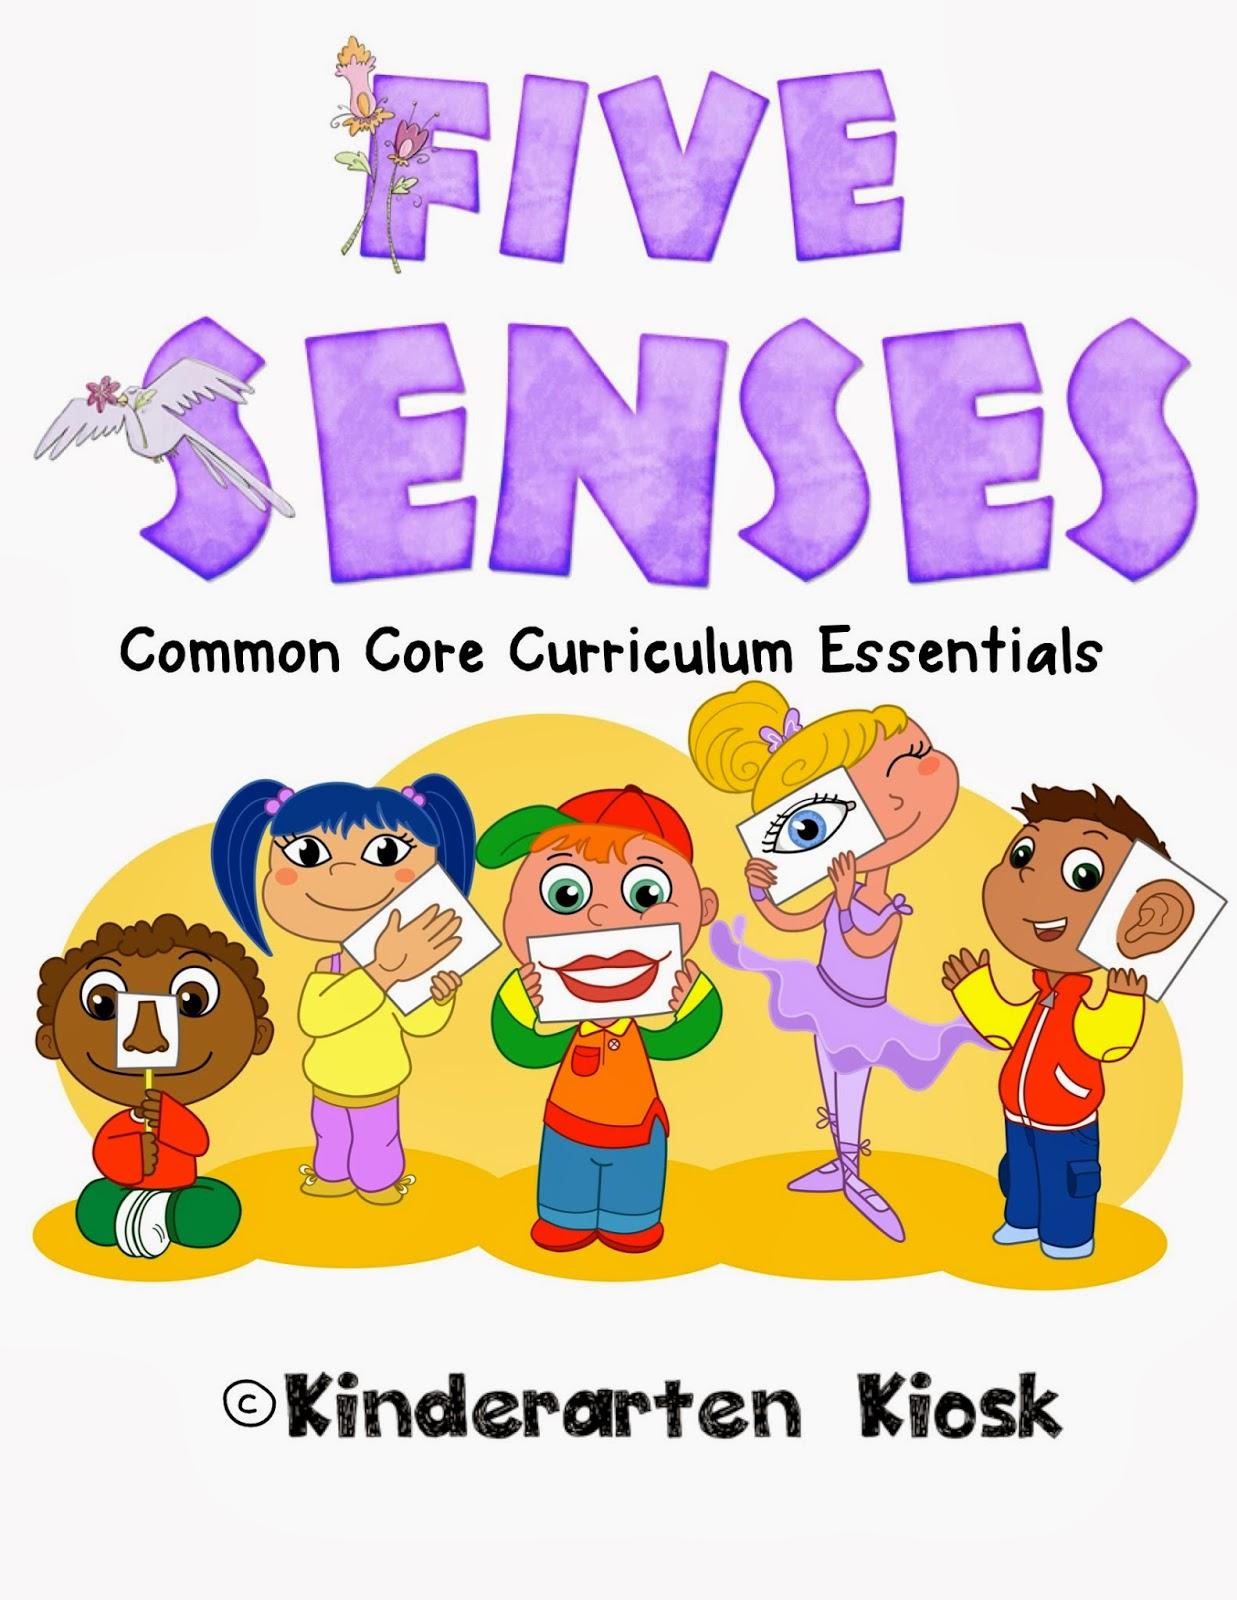 Kindergarten Kiosk Family Learning Night